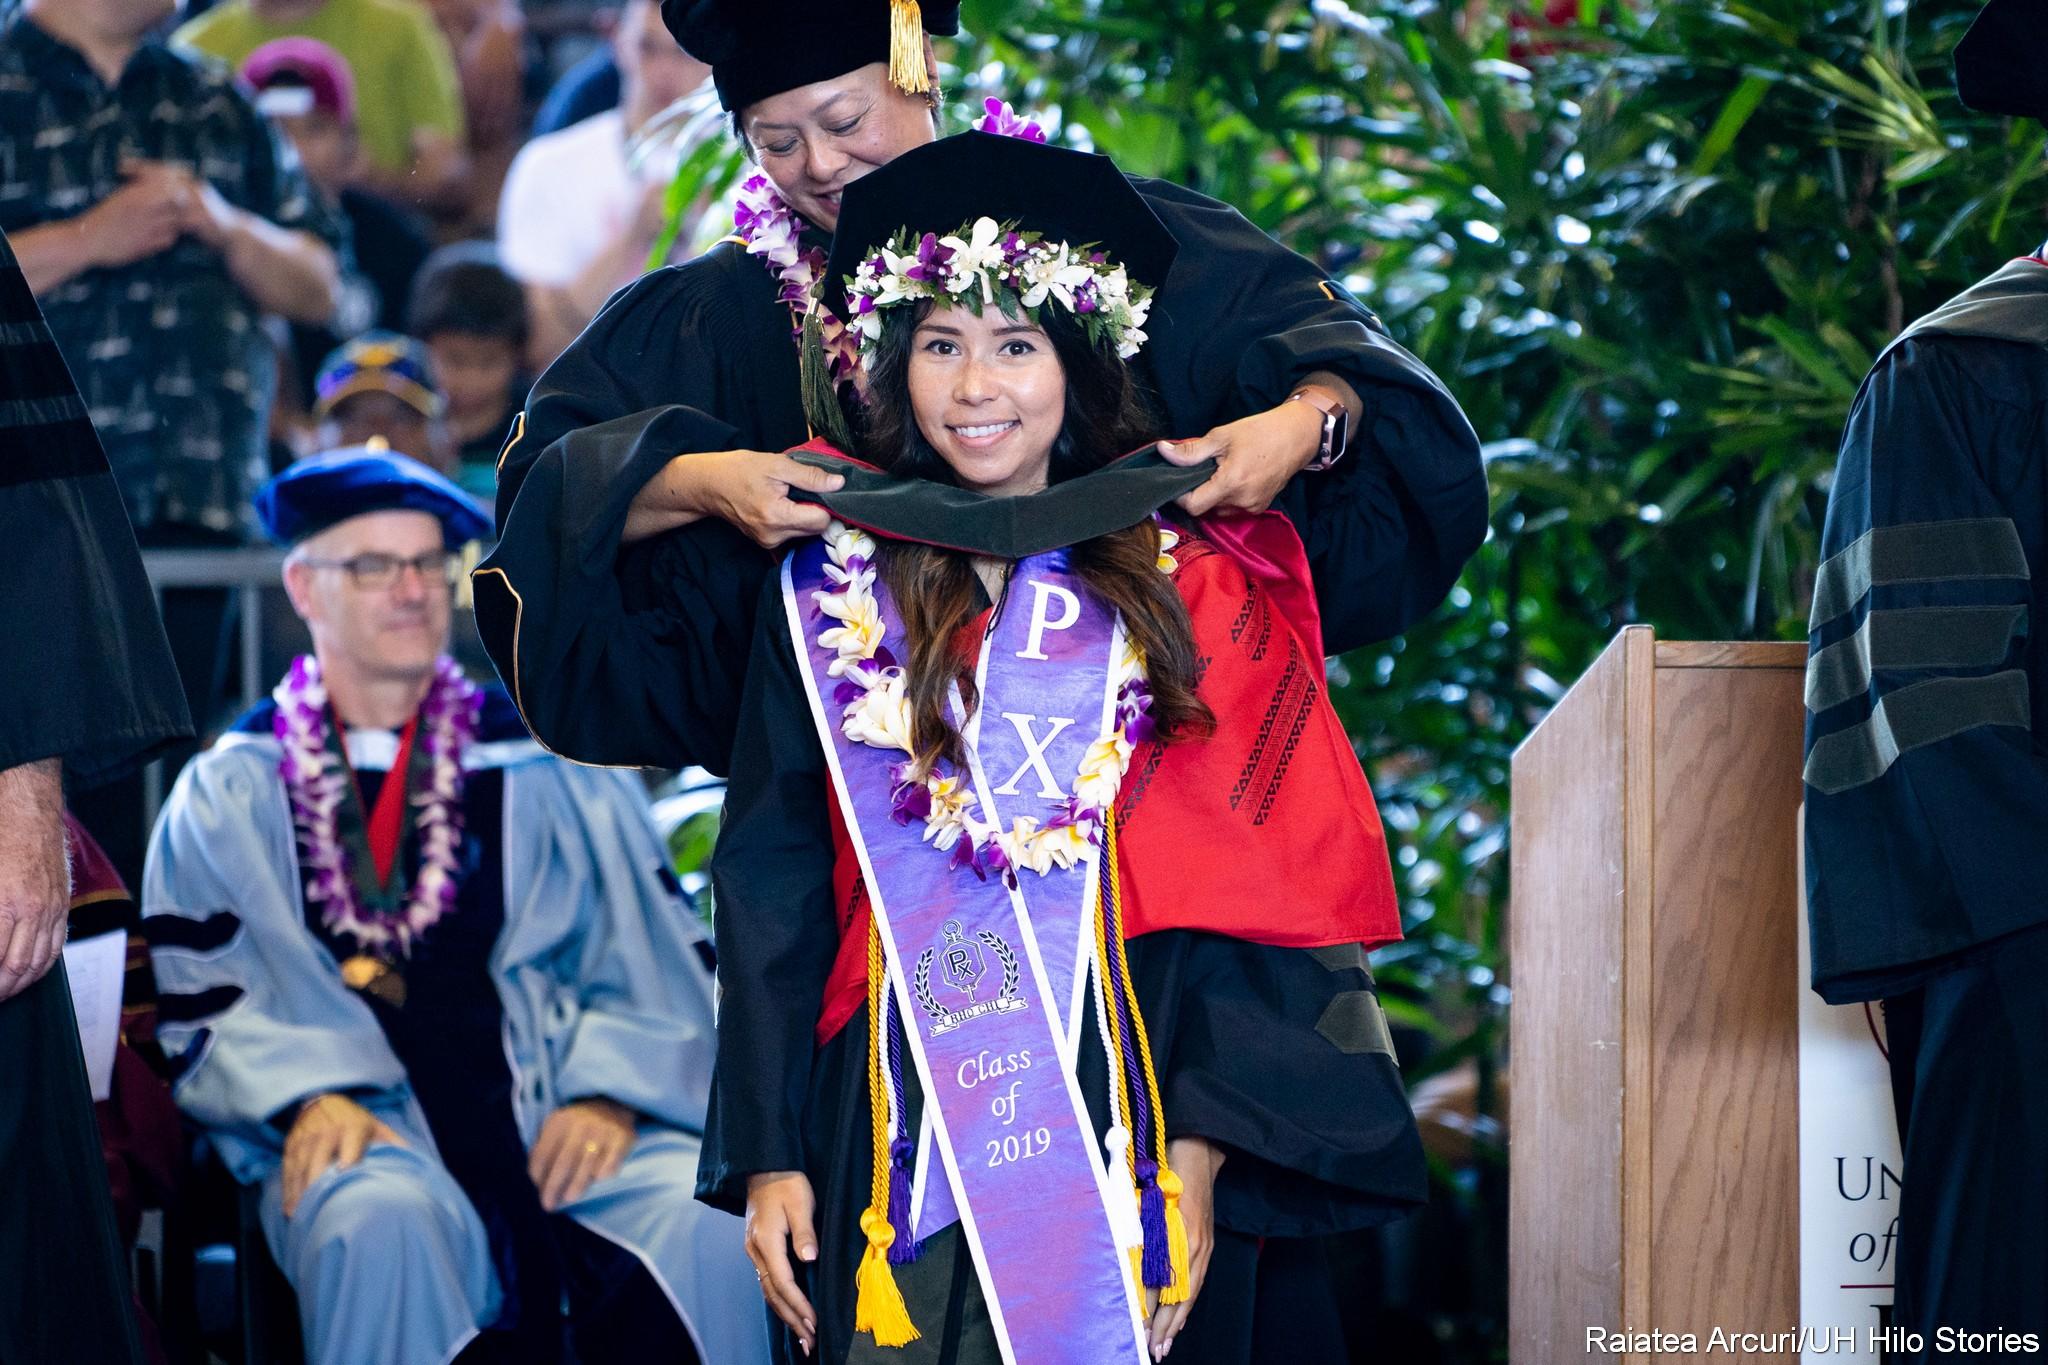 Female graduate wearing very wide purple sash receives her pharmacy hood.